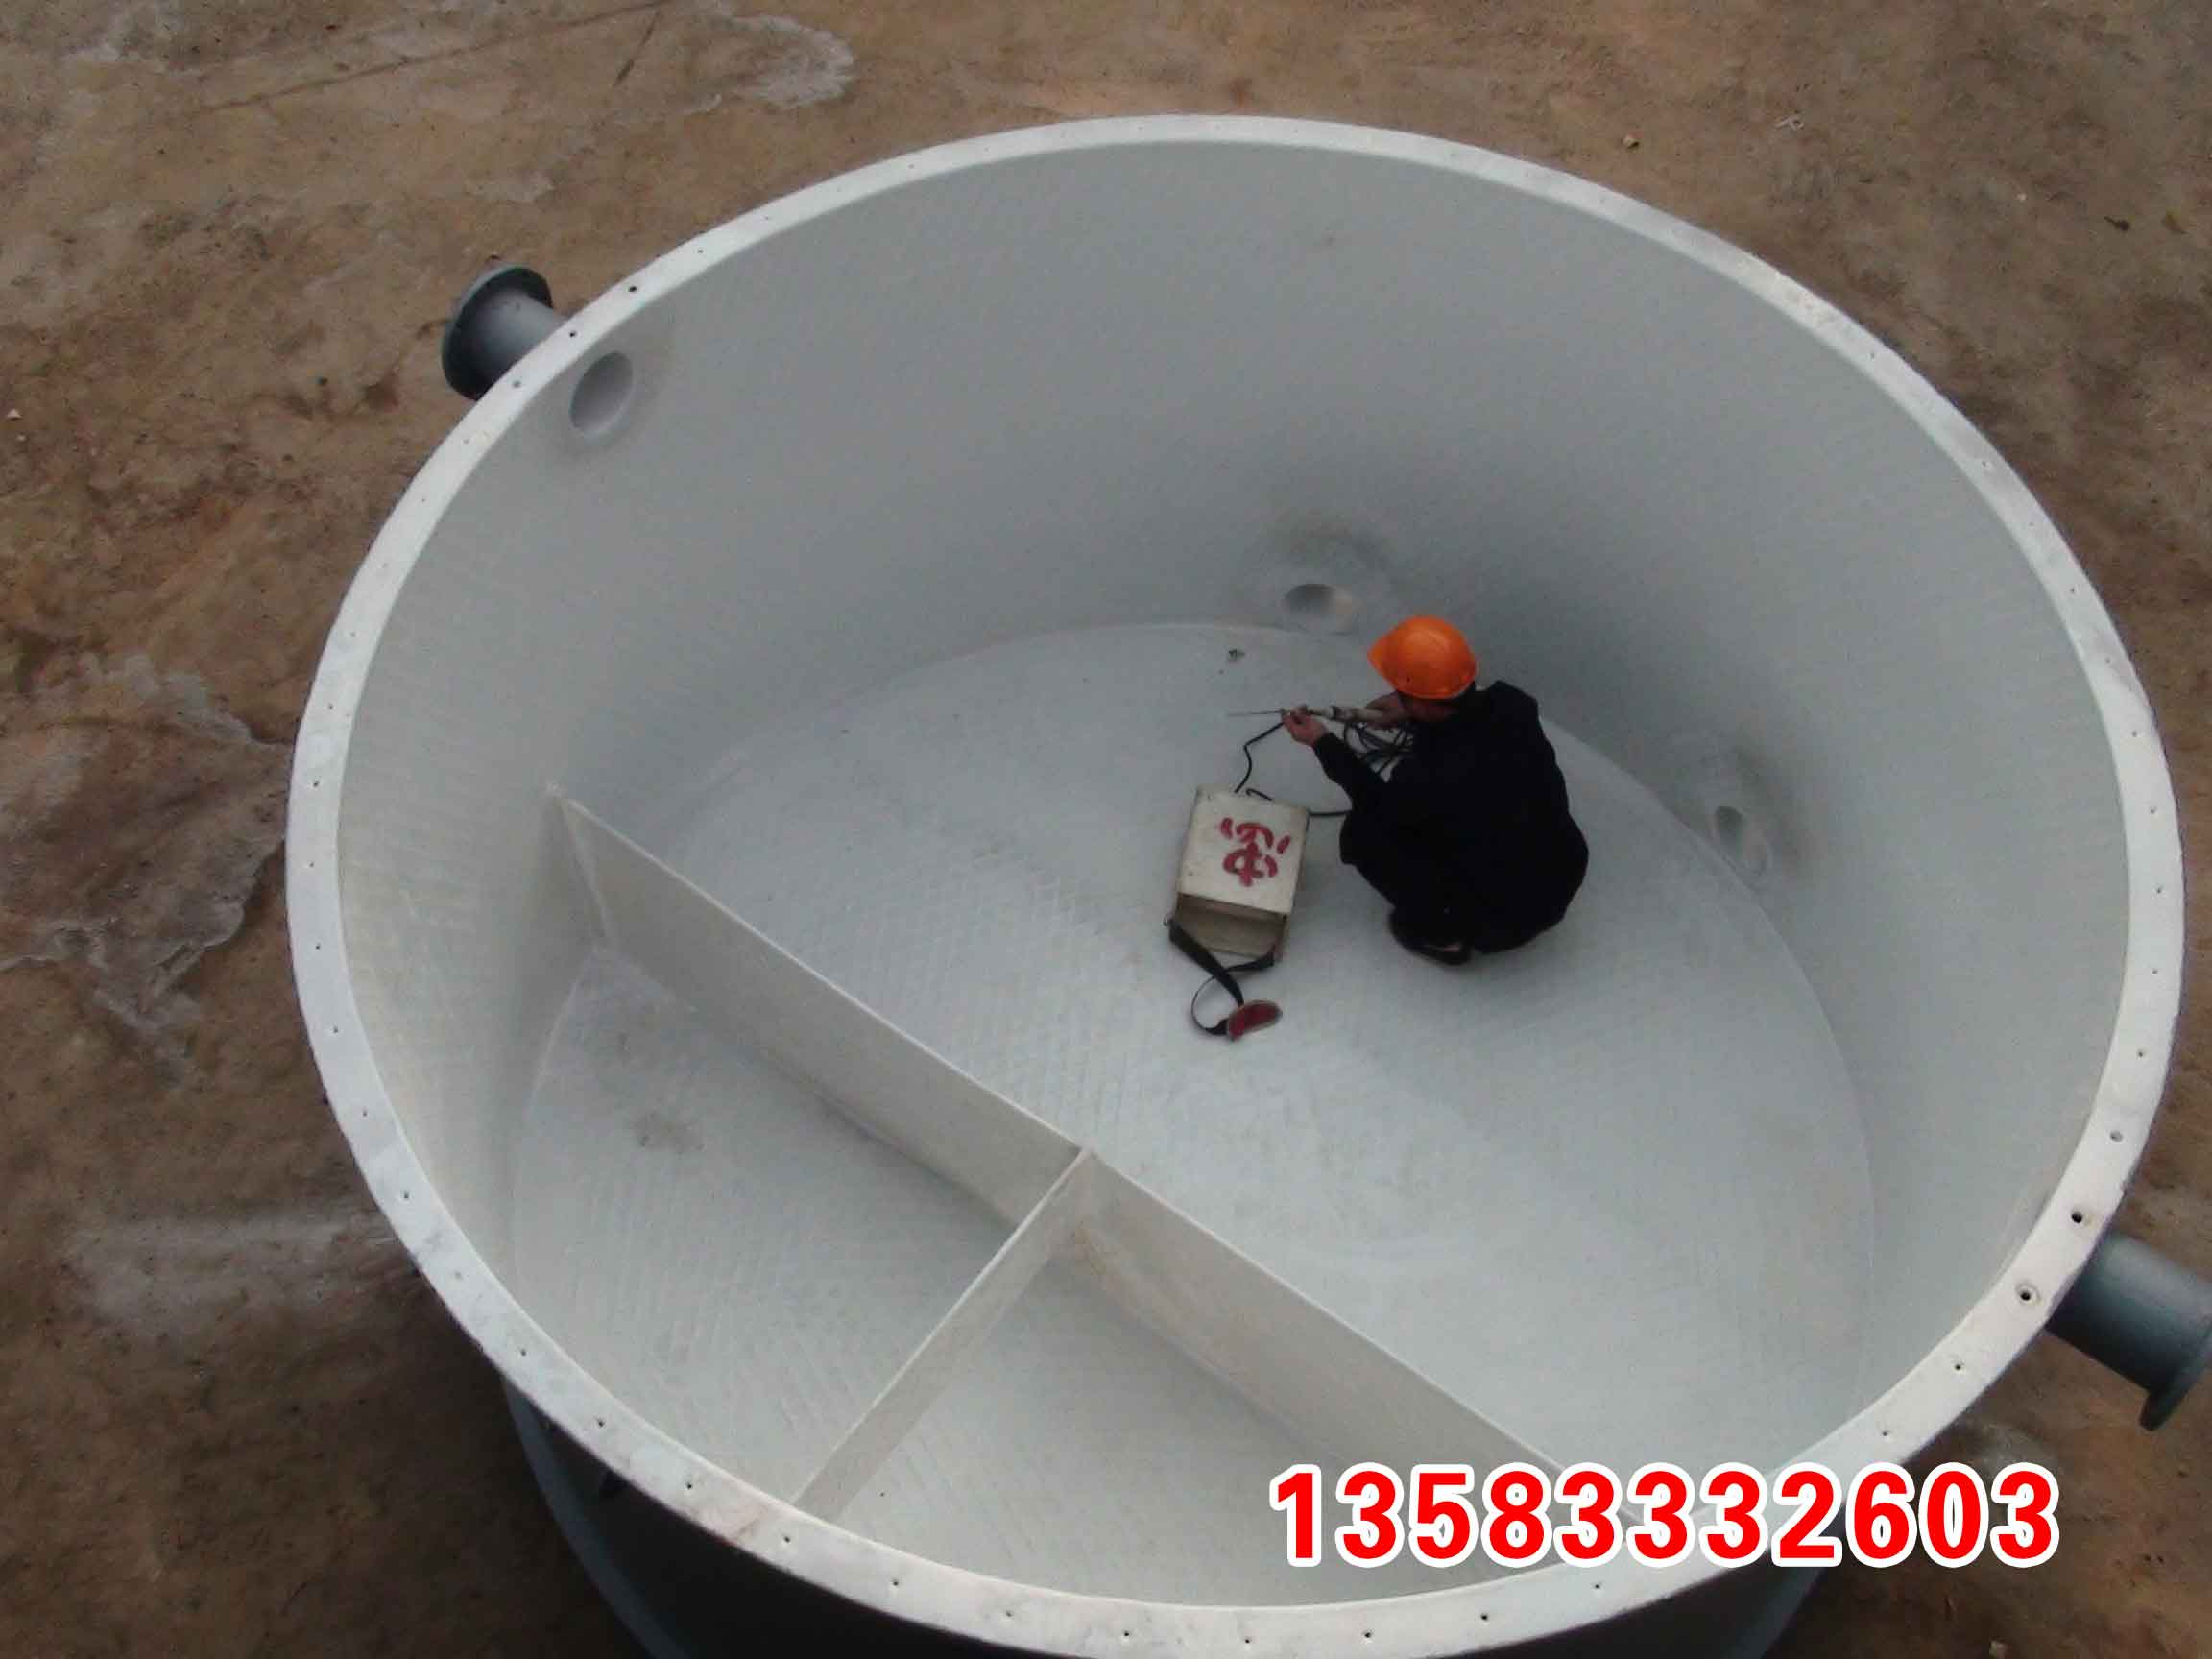 钢衬PO设备钢衬塑设备,钢衬PP/PE储罐、储槽、设备钢衬PO喷淋塔